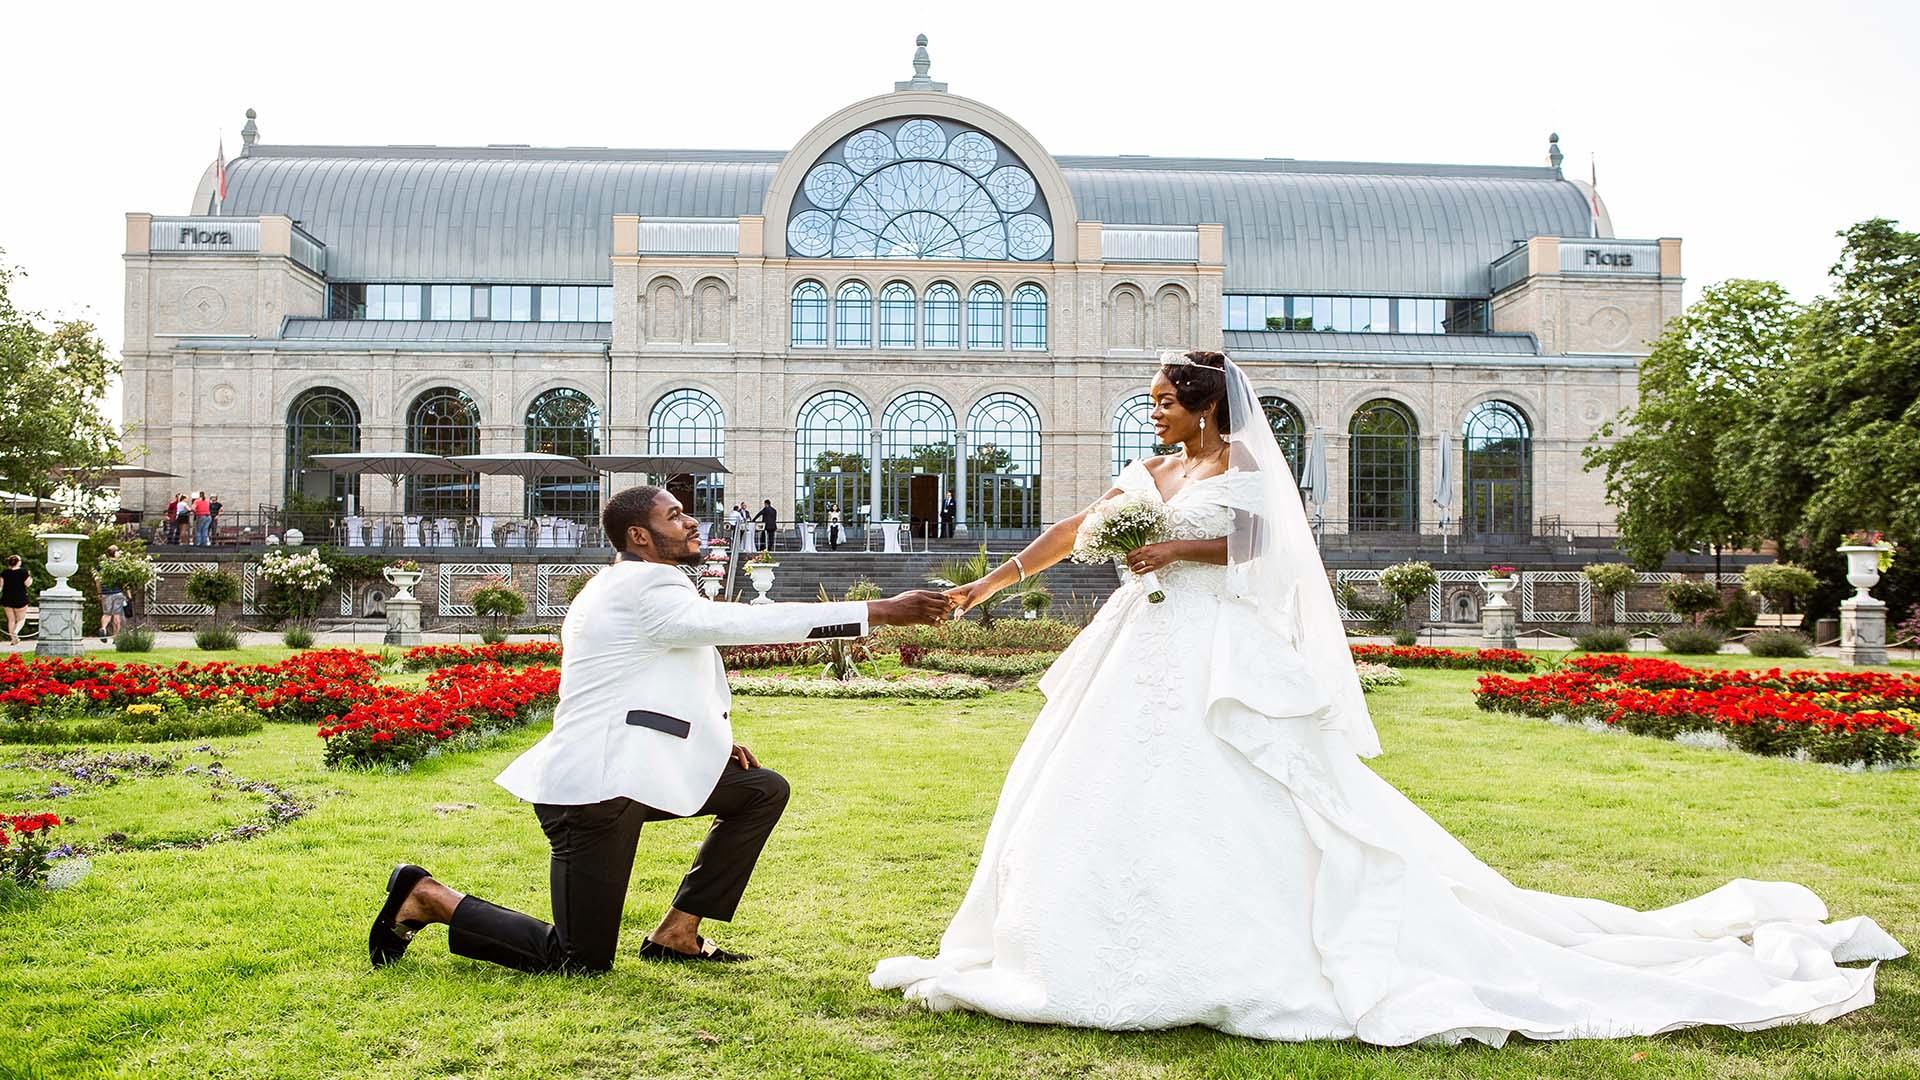 Hochzeitsfotograf Köln | Hochzeitsfotos | Hochzeit Fotos erstellen lassen